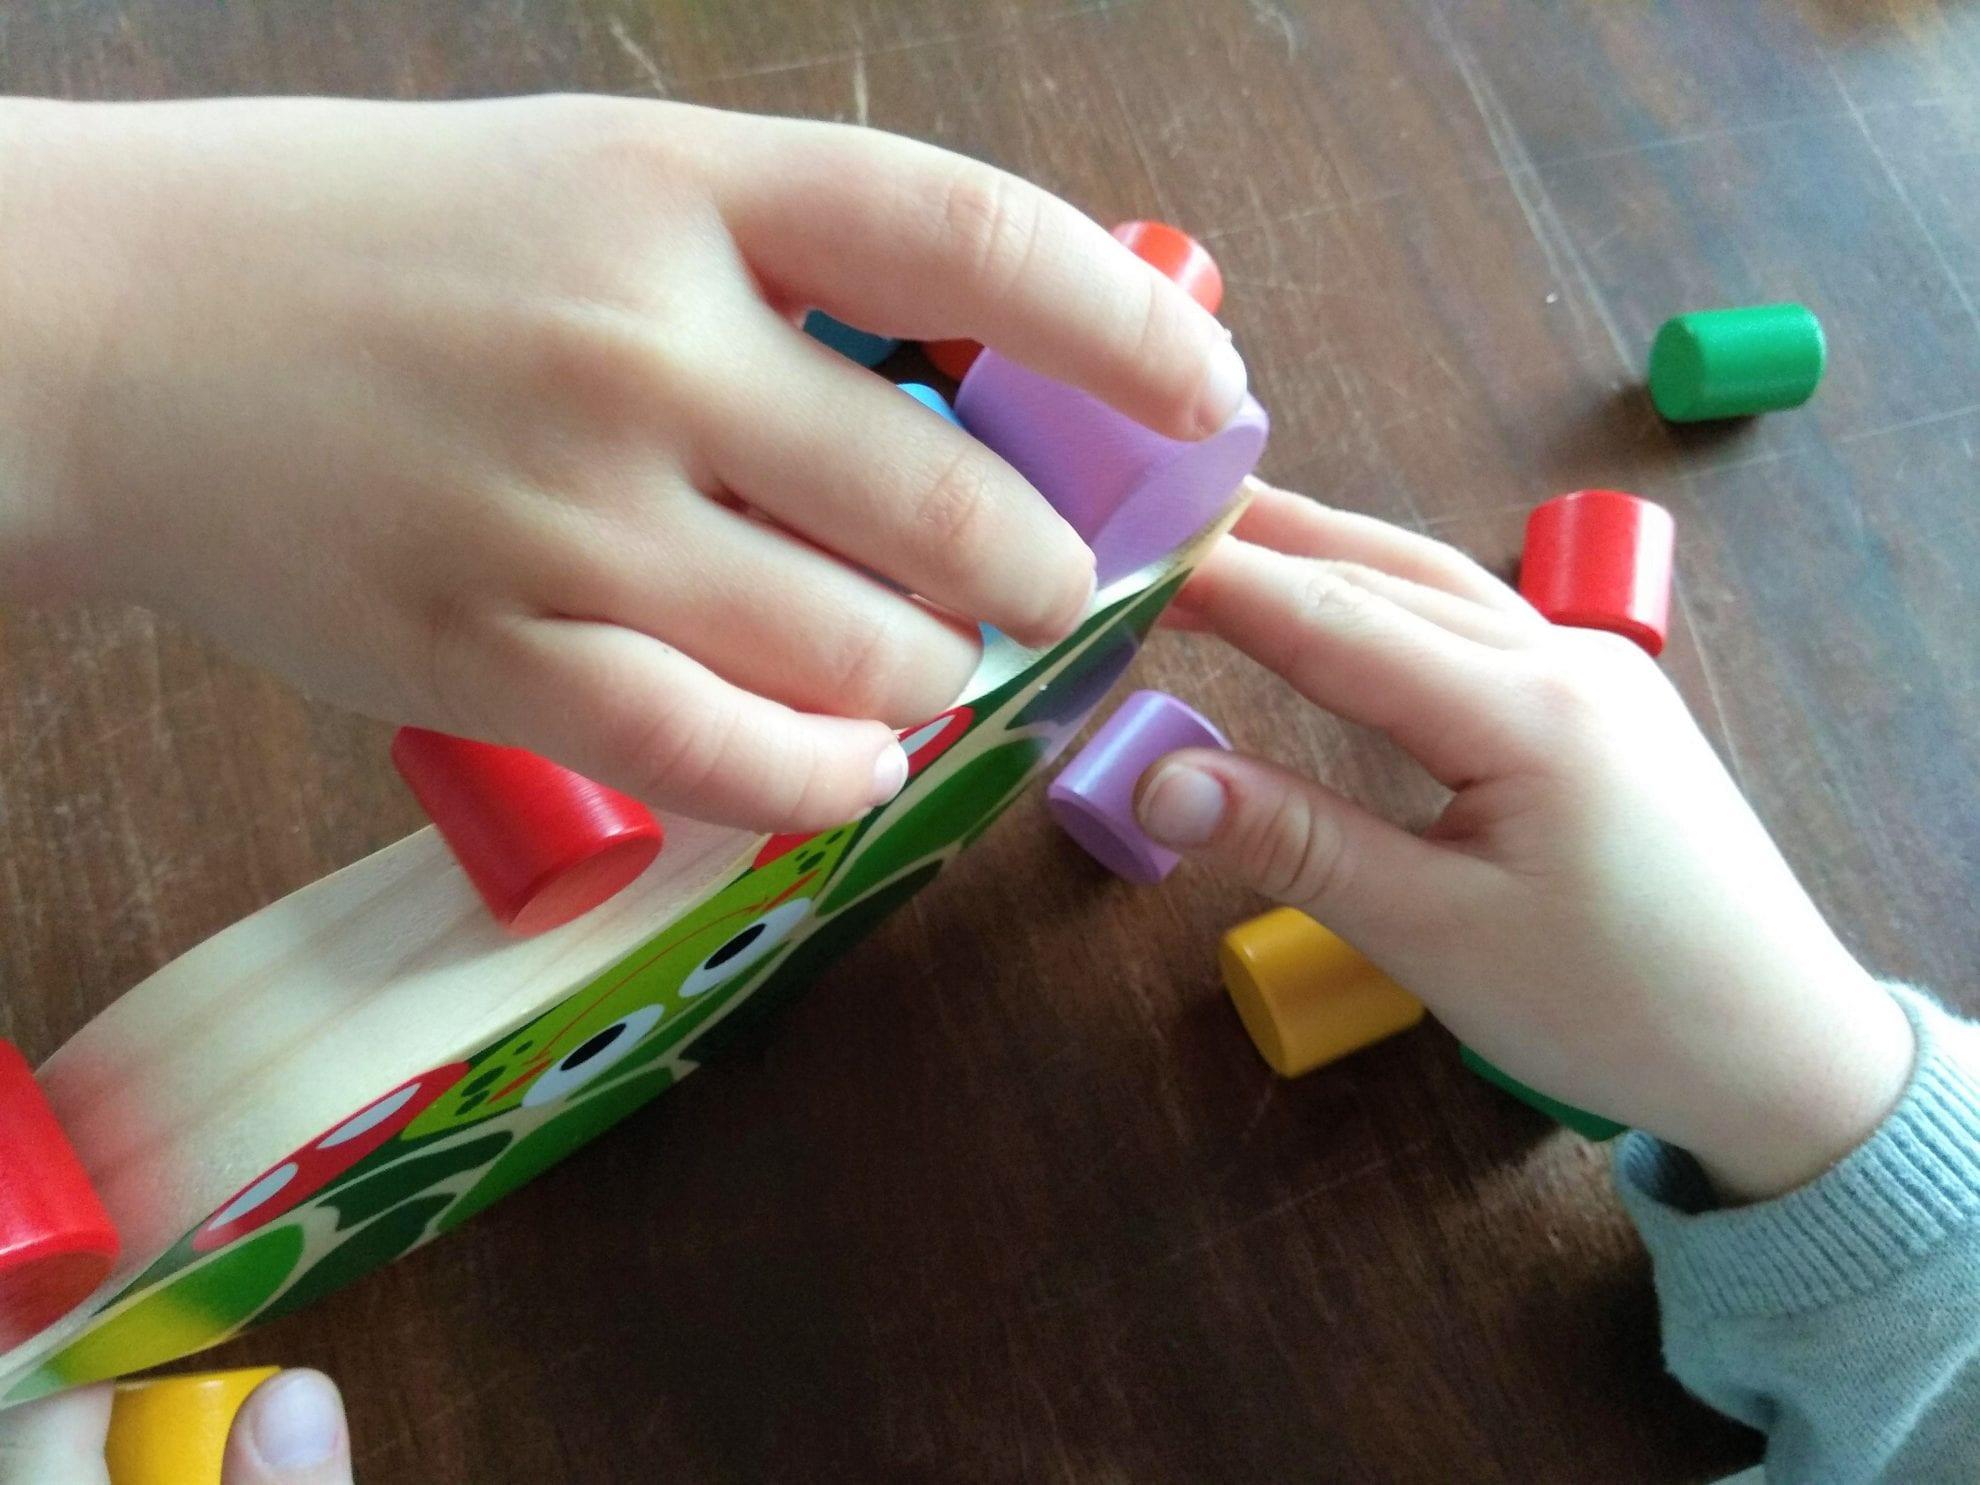 Stapelspiel, Holzspiel, Kinderhände, gemeinsam spielen im WIB, Sonntag, 4.2.18, Puddingklecks